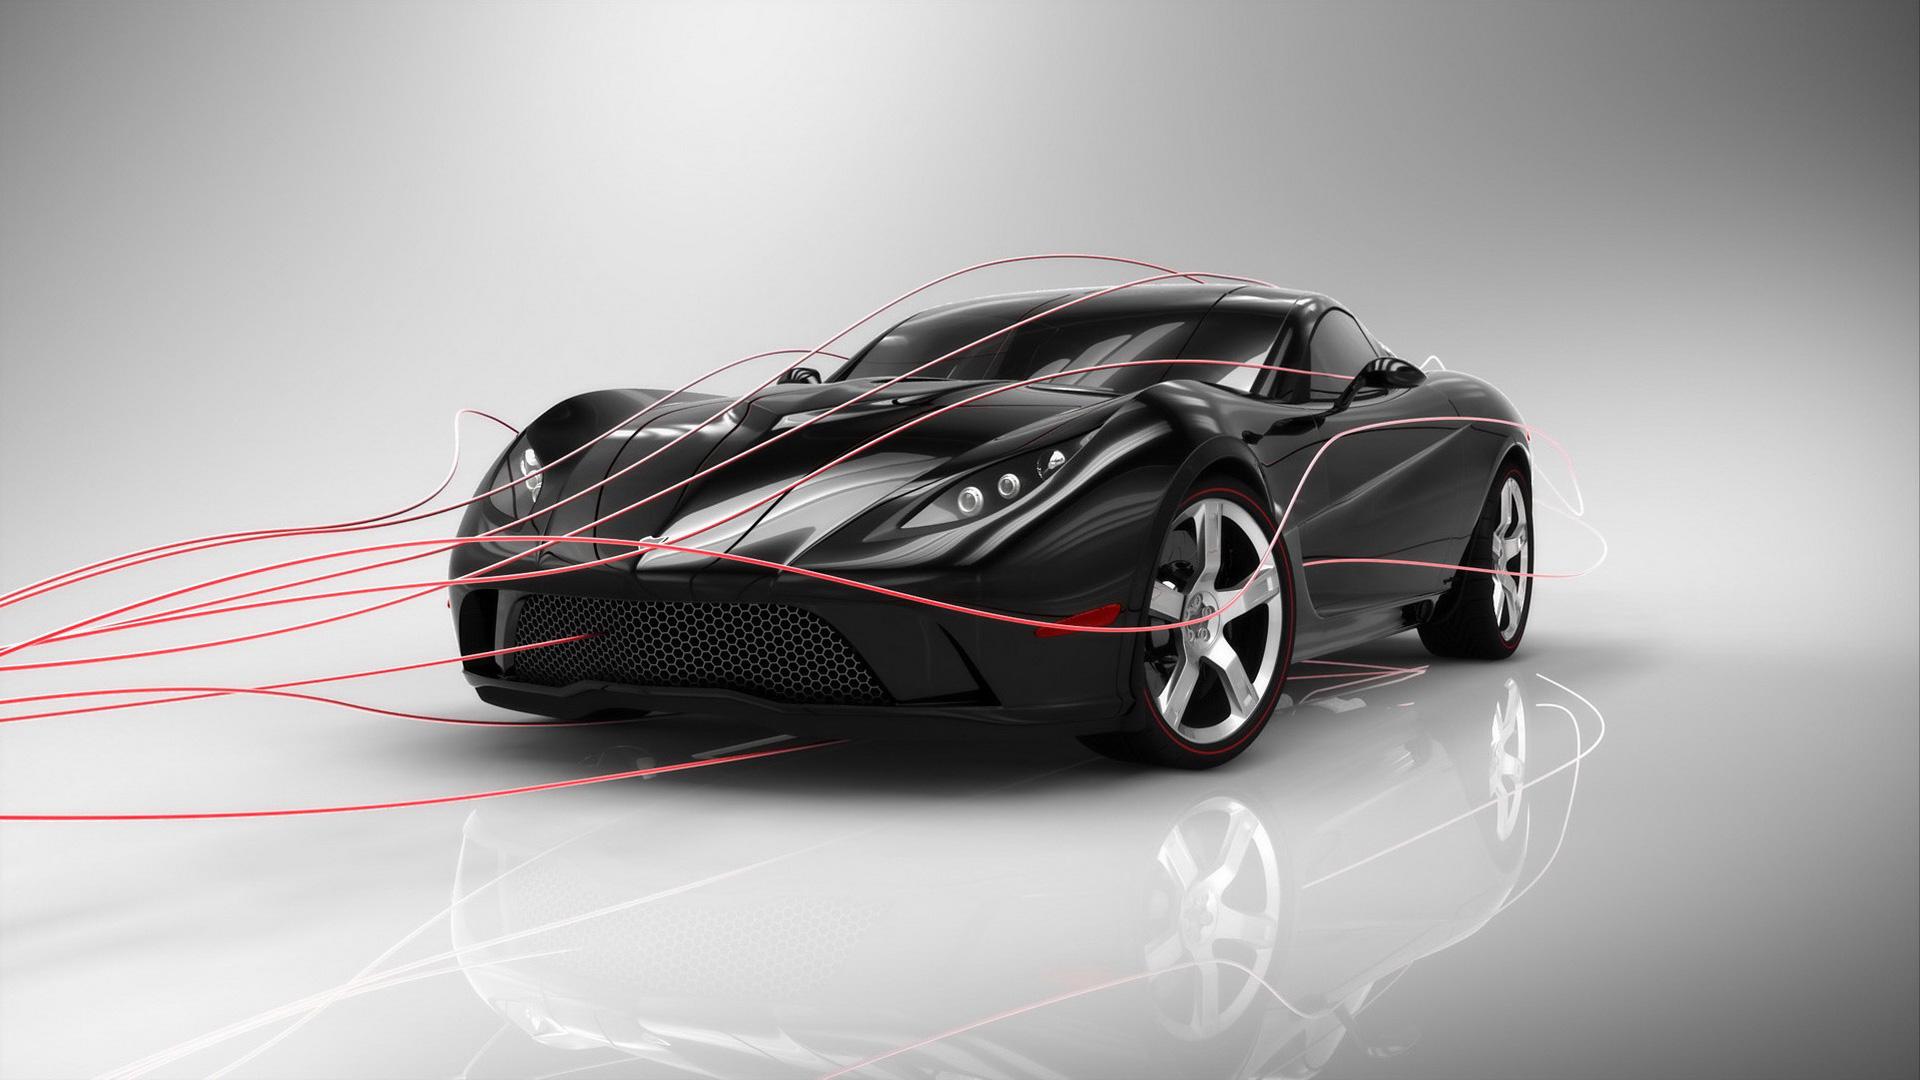 Corvette Mallett Concept Car Wallpapers HD Wallpapers 1920x1080